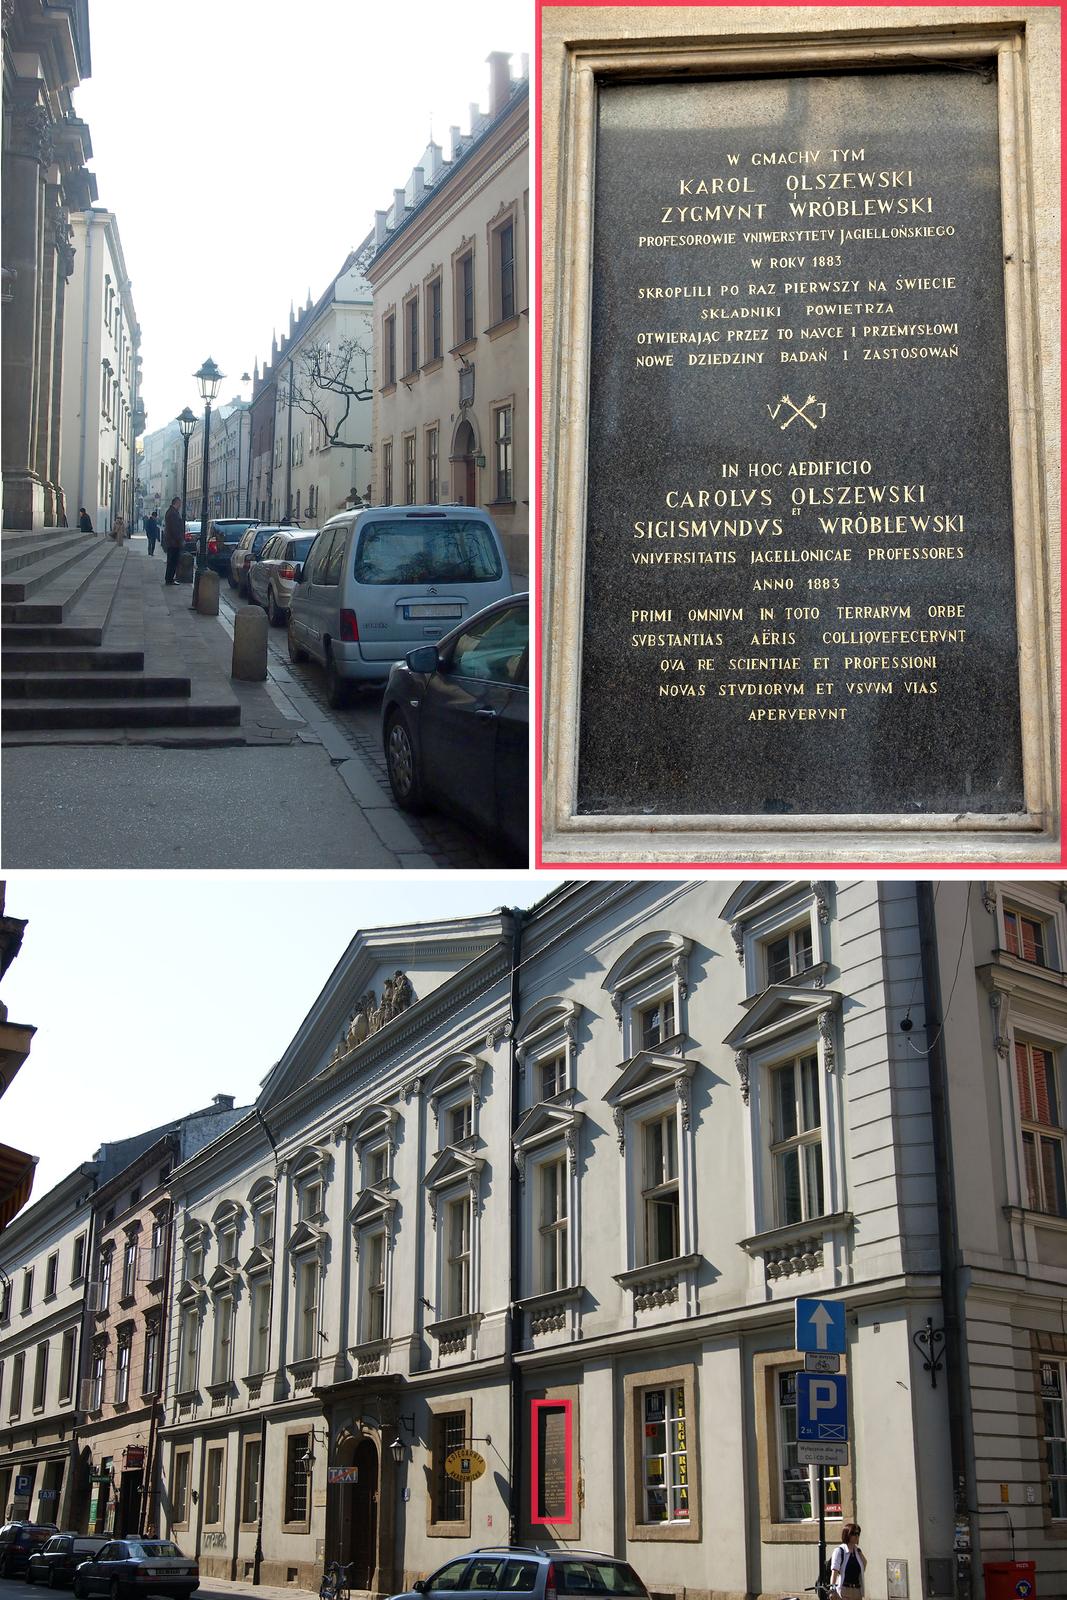 Ilustracja zawiera trzy zdjęcia ułożone obok siebie. Fotografia wlewym górnym rogu ma układ pionowy iprzedstawia ulicę św. Anny wKrakowie od strony Plant ze schodami do Kolegiaty św. Anny na pierwszym planie po lewej stronie kadru. Dolne zdjęcie przedstawia gmach Collegium Kołłątaja mieszczące się przecznicę dalej przy tej samej ulicy. Na ścianie gmachu czerwonym prostokątem zaznaczona jest czarna tablica pamiątkowa. Wprawym górnym rogu ilustracji znajduje się zdjęcie przedstawiające tablicę zbliska. Napis po polsku ipo łacinie głosi: Wgmachu tym Karol Olszewski iZygmunt Wróblewski, profesorowie Uniwersytetu Jagiellońskiego wroku 1883 skroplili po raz pierwszy na świecie składniki powietrza otwierając przez to nauce iprzemysłowi nowe dziedziny badań izastosowań.